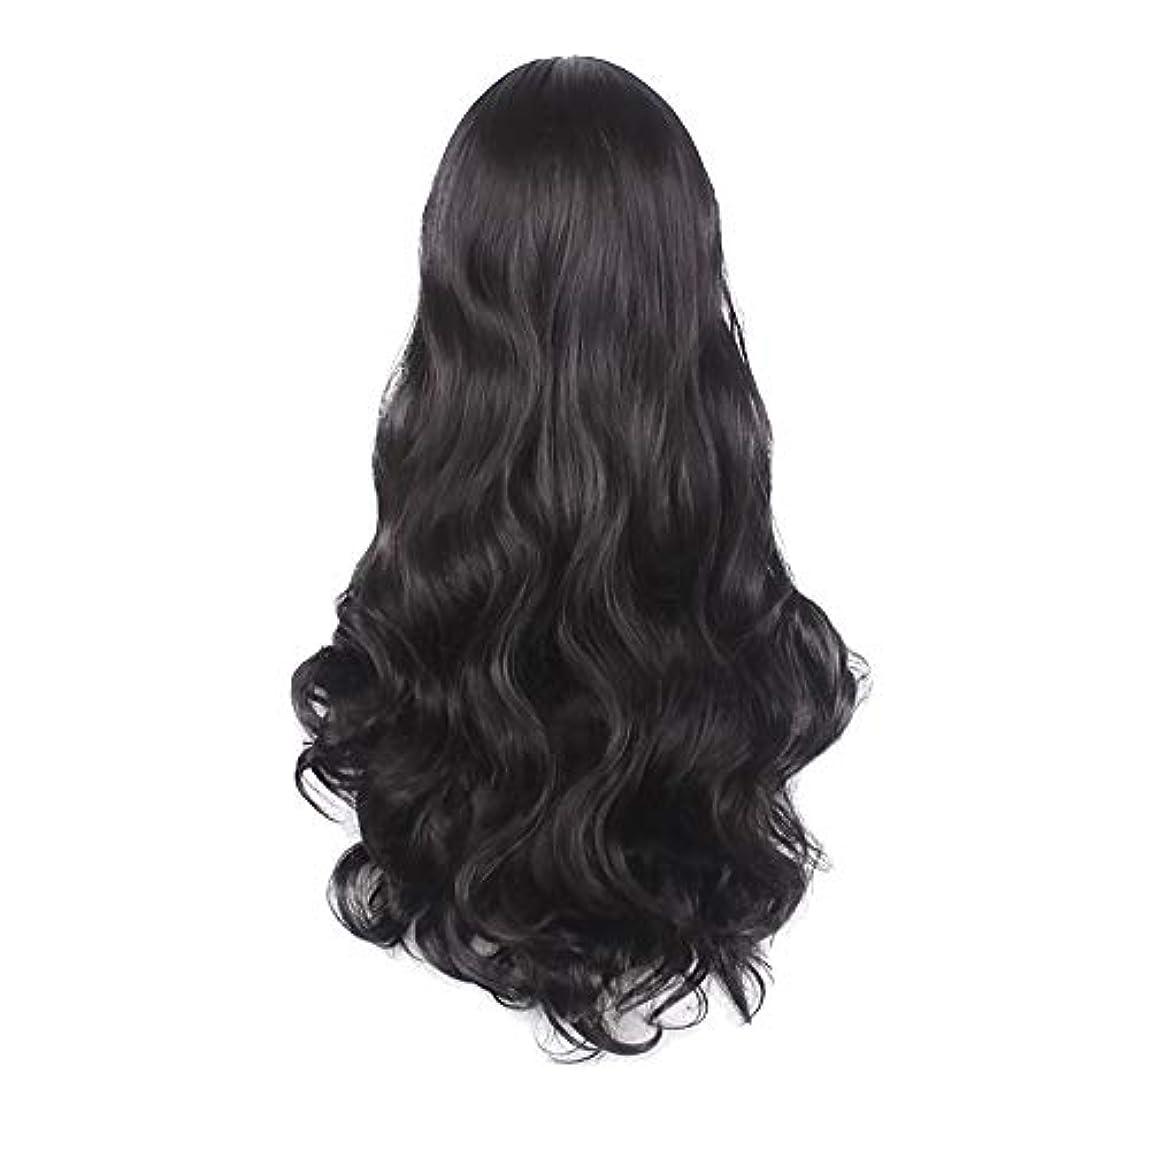 年金受給者最小化する狂信者女性の黒の長い波状の巻き毛のかつらパーティーCOS小道具かつらをかつら